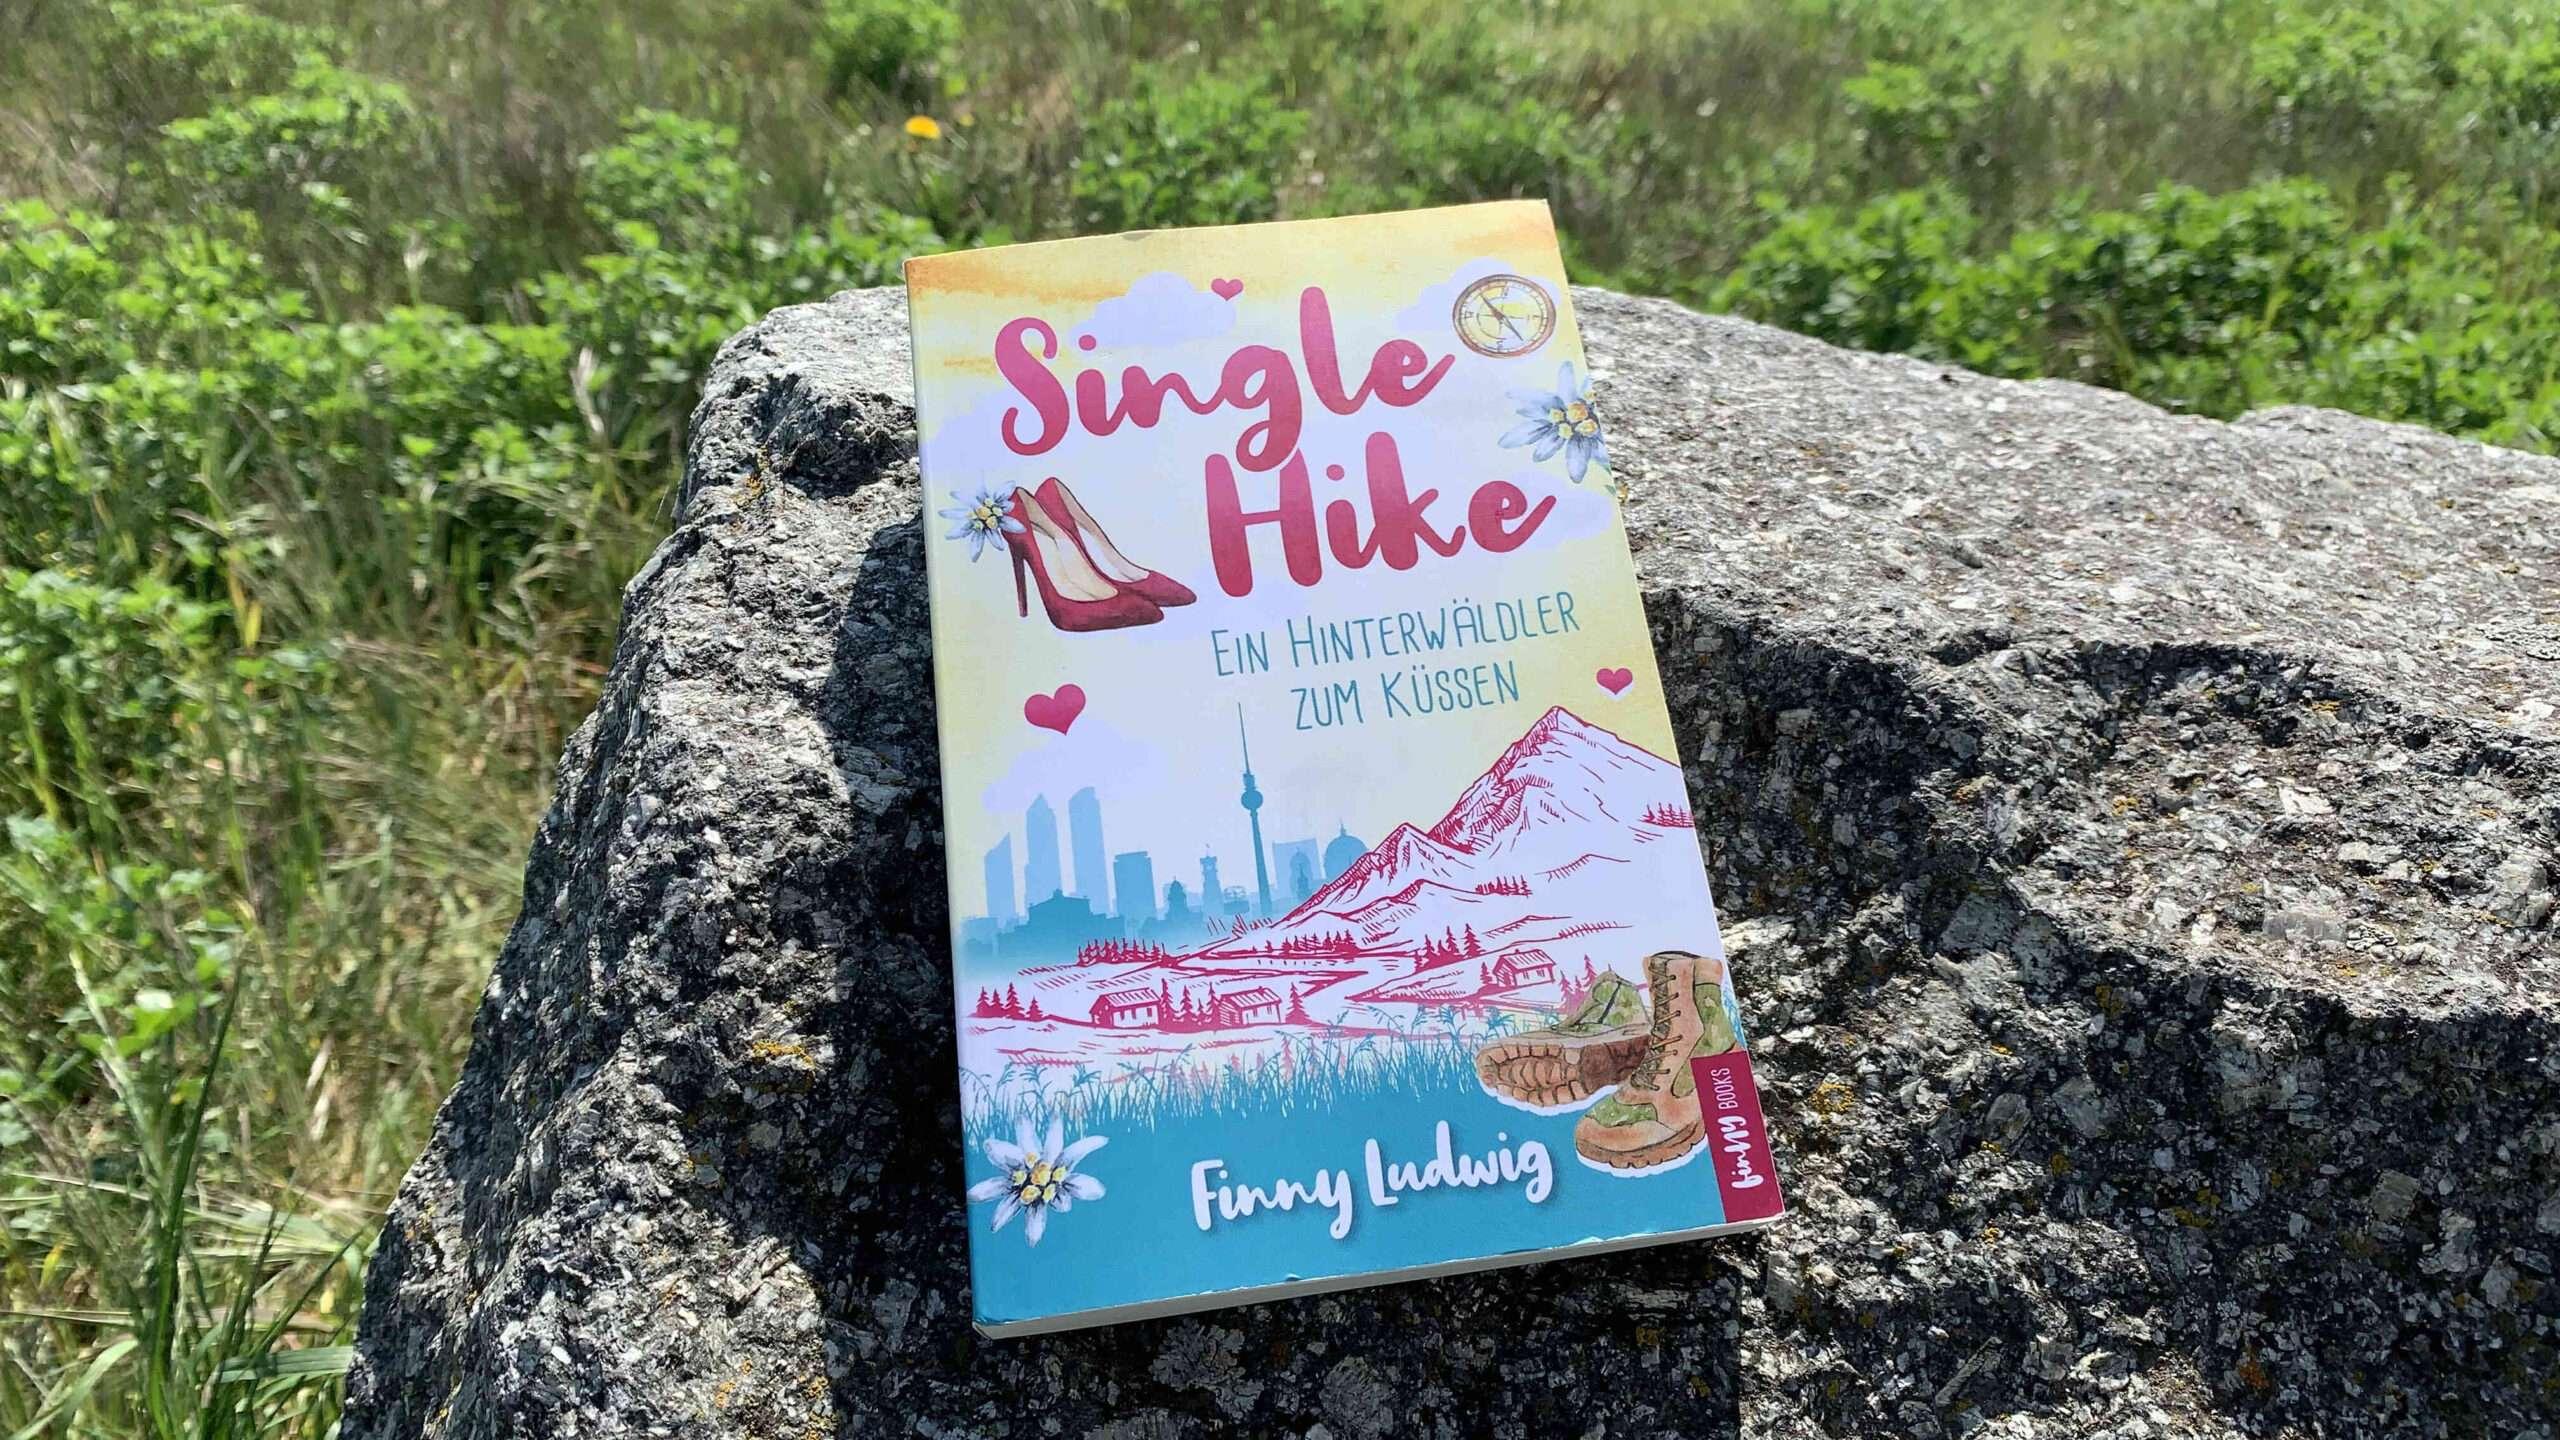 """Read more about the article """"Single Hike-Ein Hinterwäldler zum Küssen"""" von Finny Ludwig"""